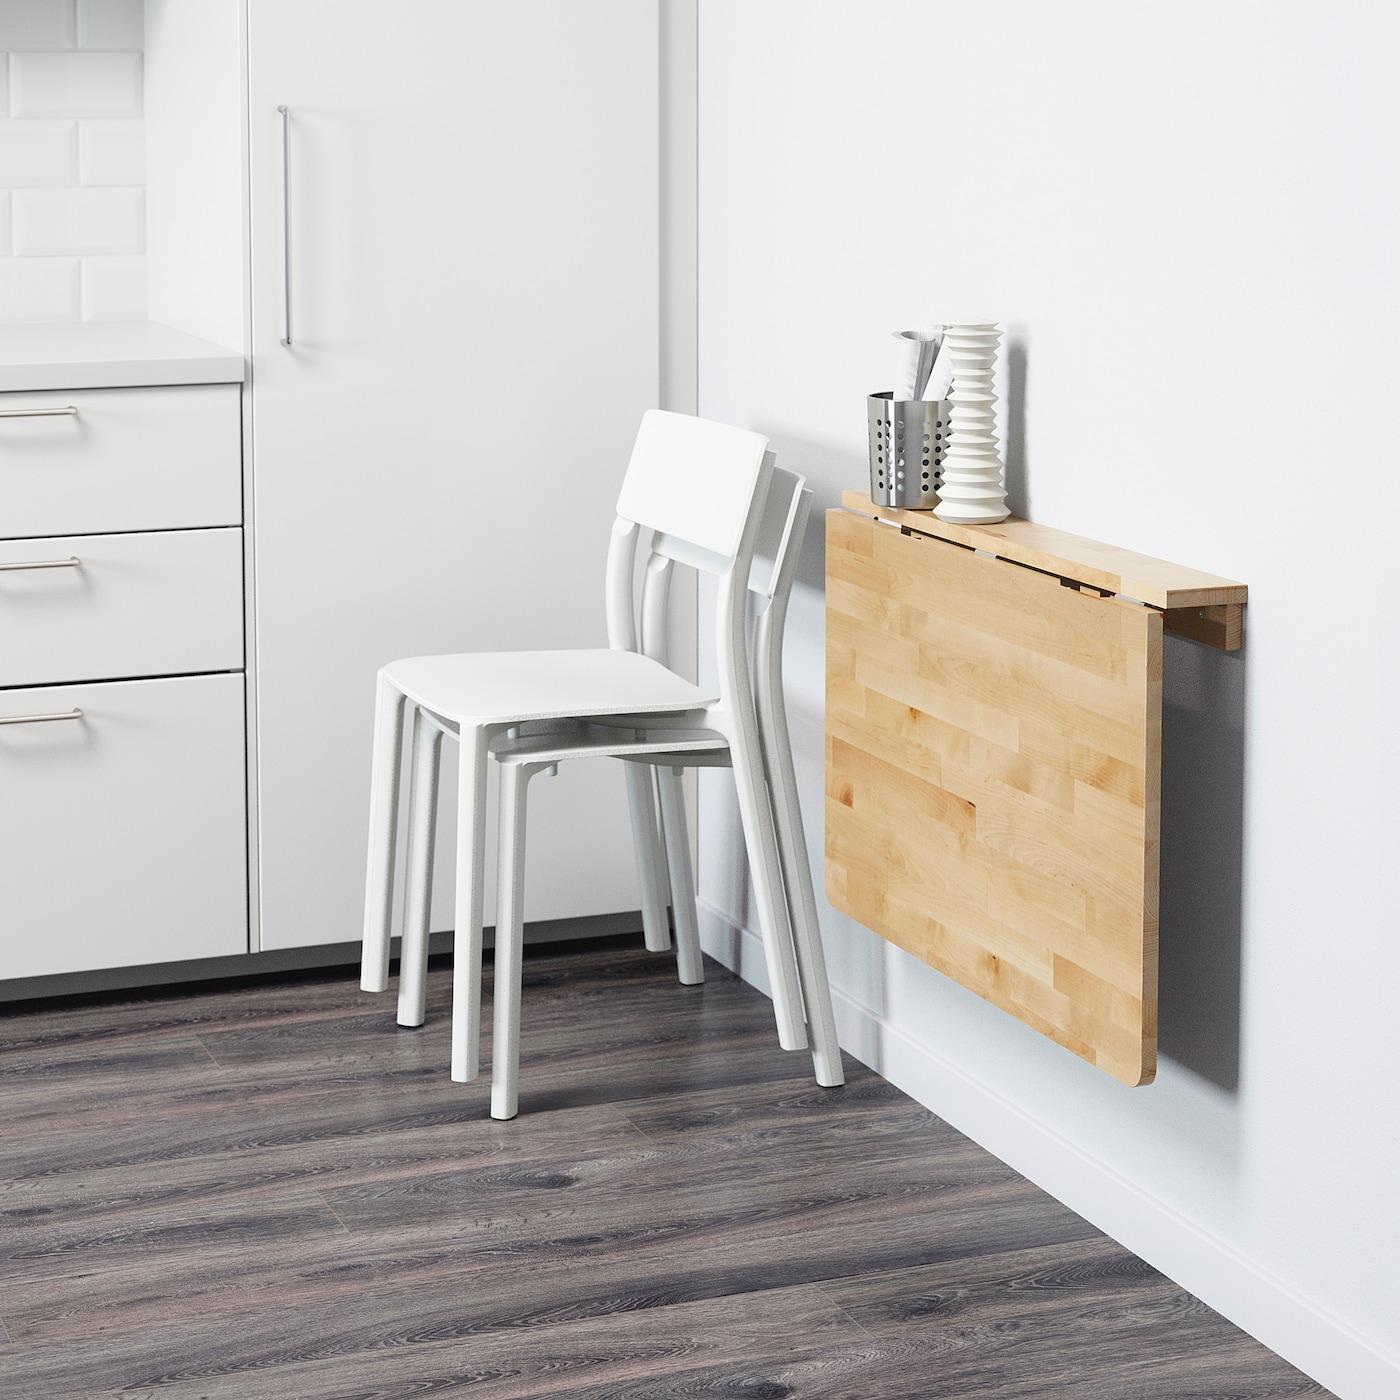 mesas de cocina ikea de pared